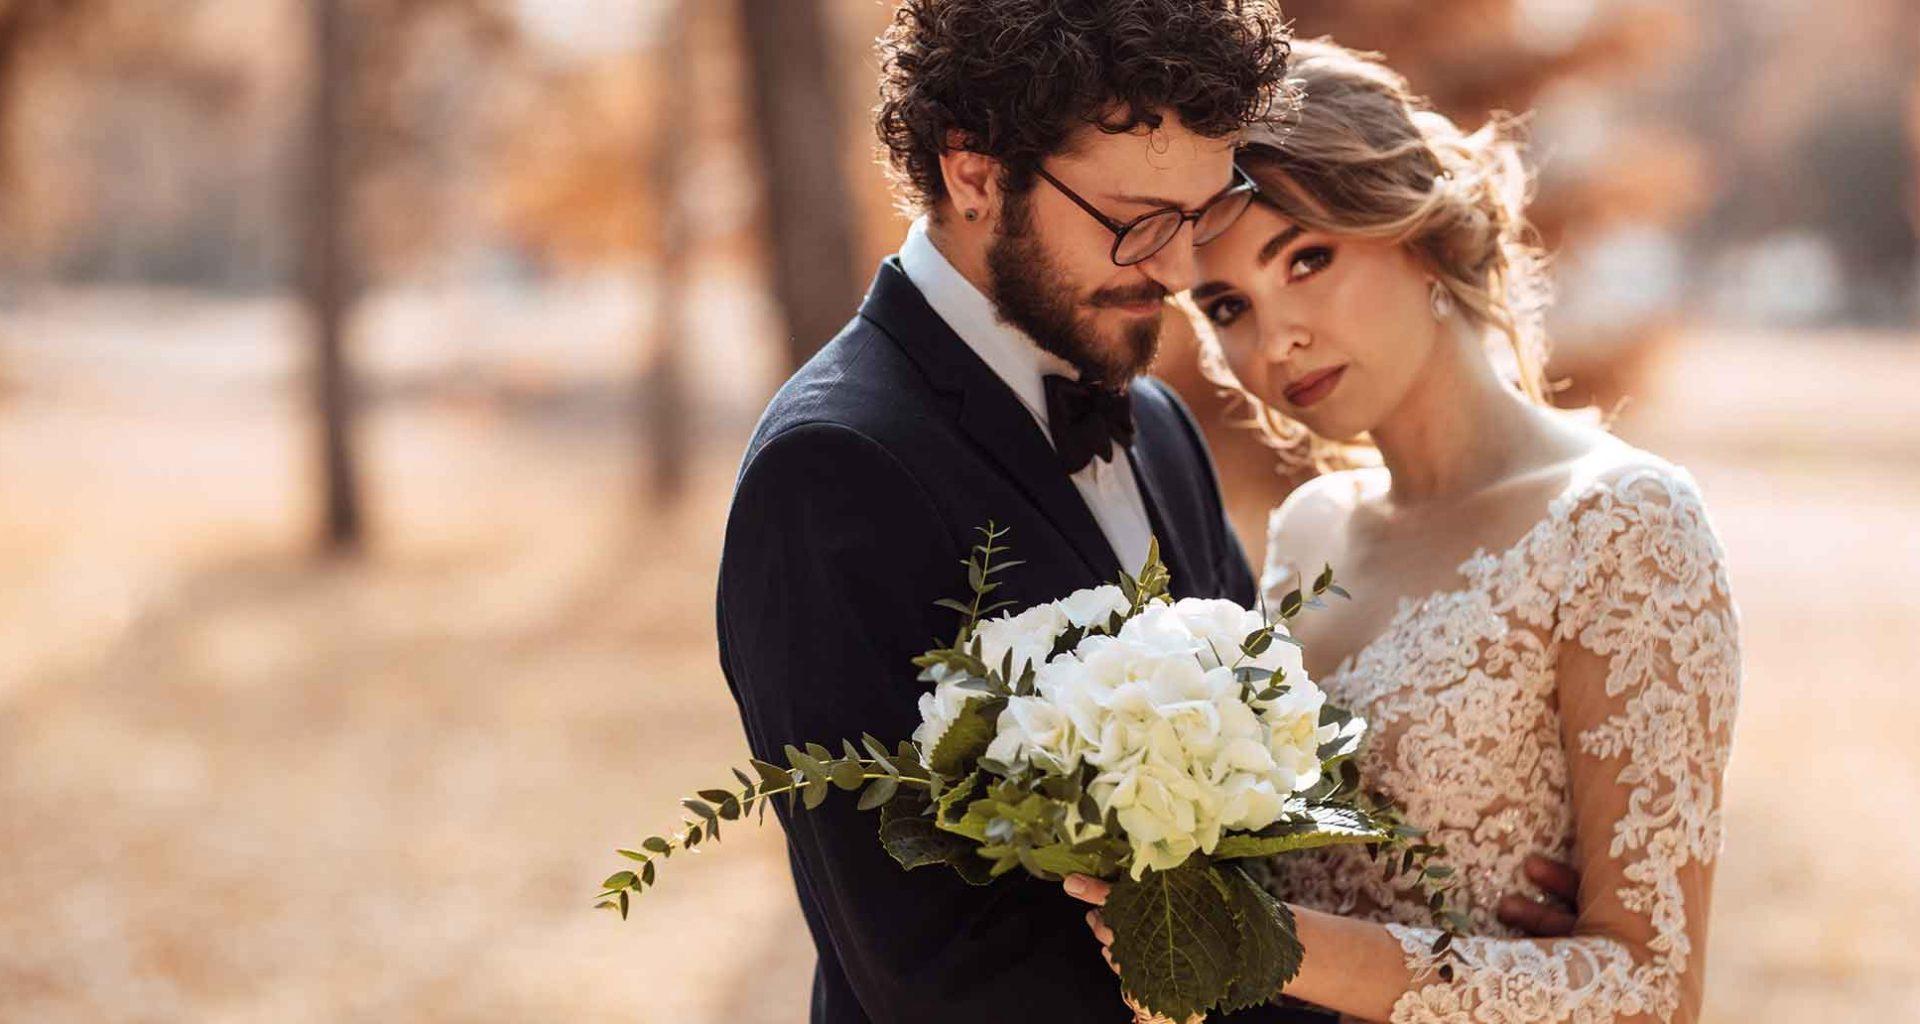 Macht Heiraten wirklich glücklich? Diese Studienergebnisse verraten es dir!